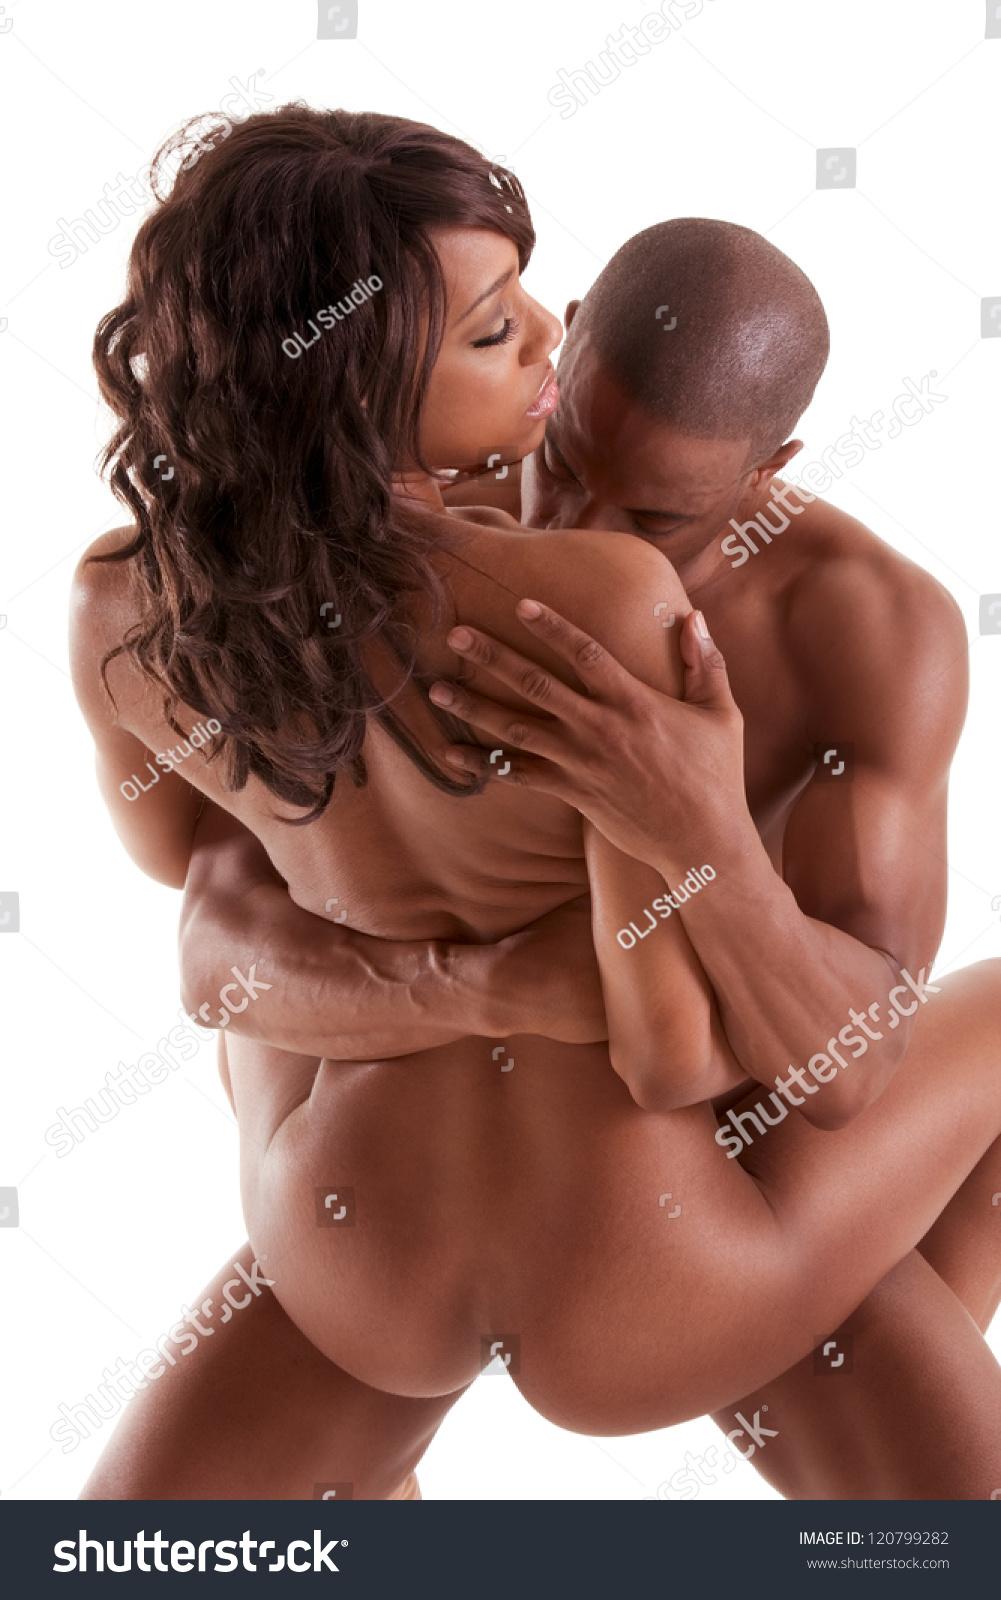 Ebony couples making love